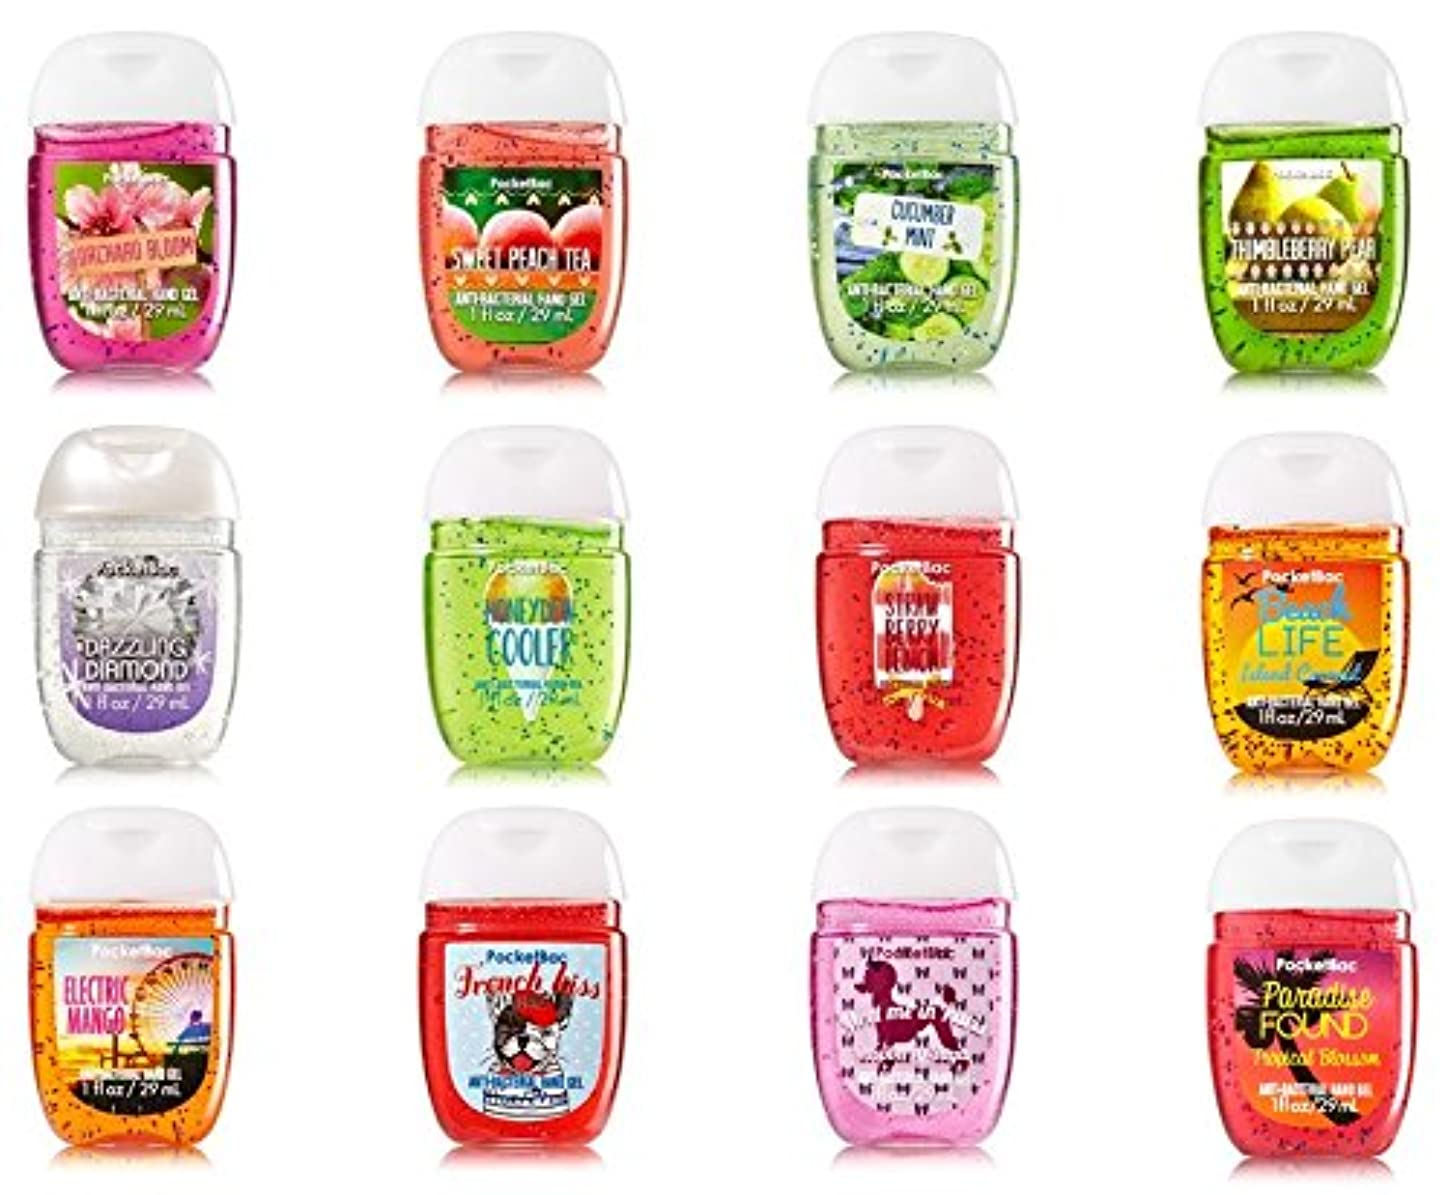 金属議会サイズ【アメリカ直送】Bath & Body Works Pocketbac Variety 12pk  バス&ボディワークス 水のいらない消毒ジェル 抗菌ハンドジェル 12個セット 各29ml